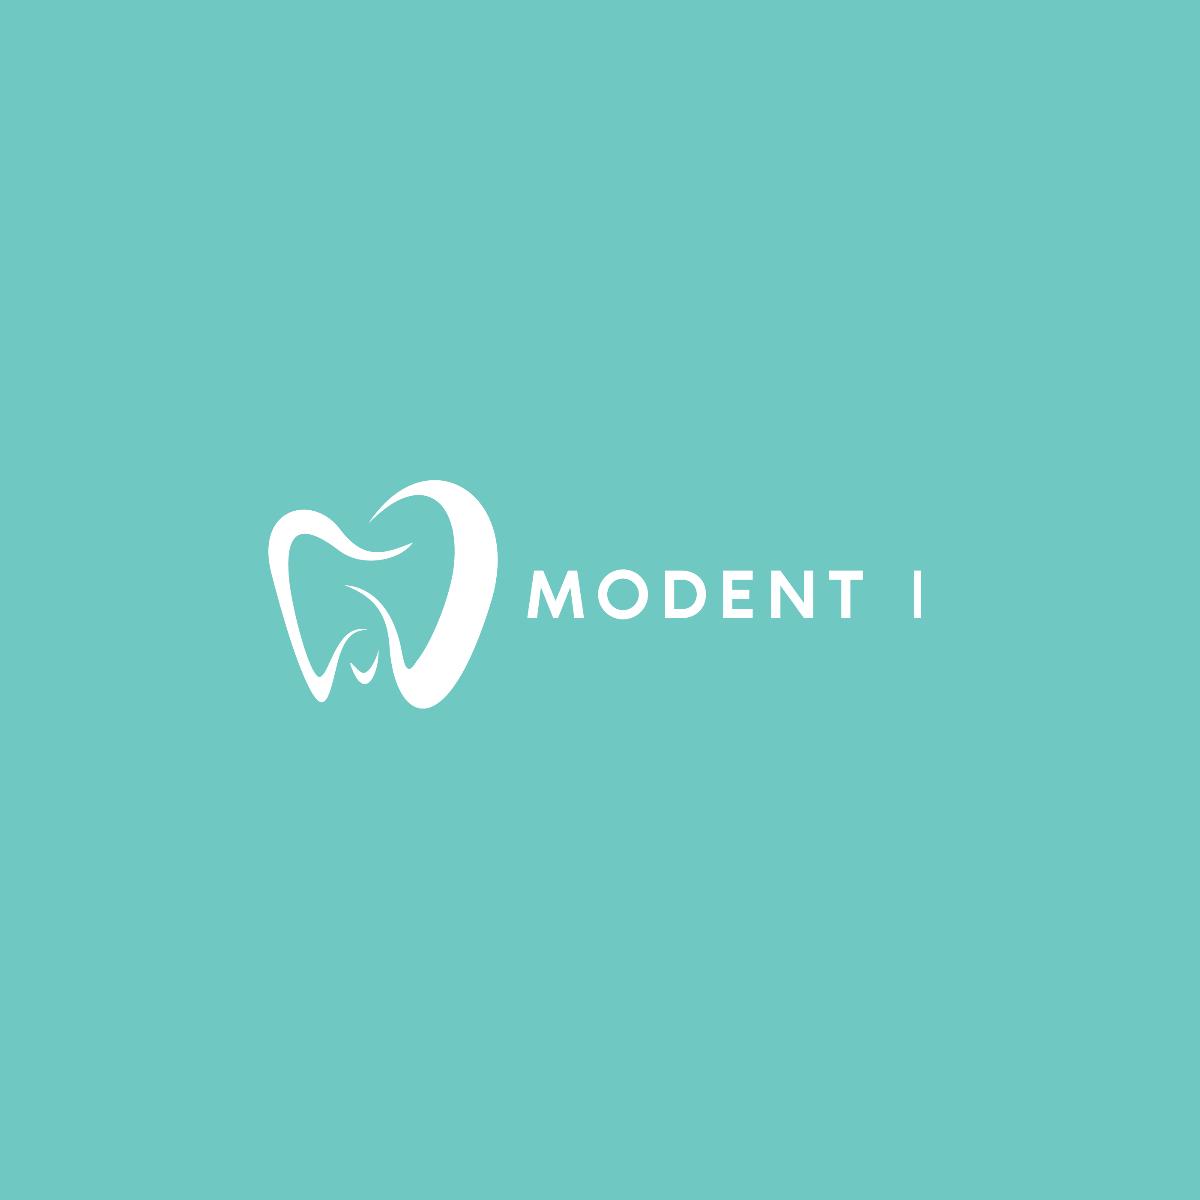 ZU Modent 1